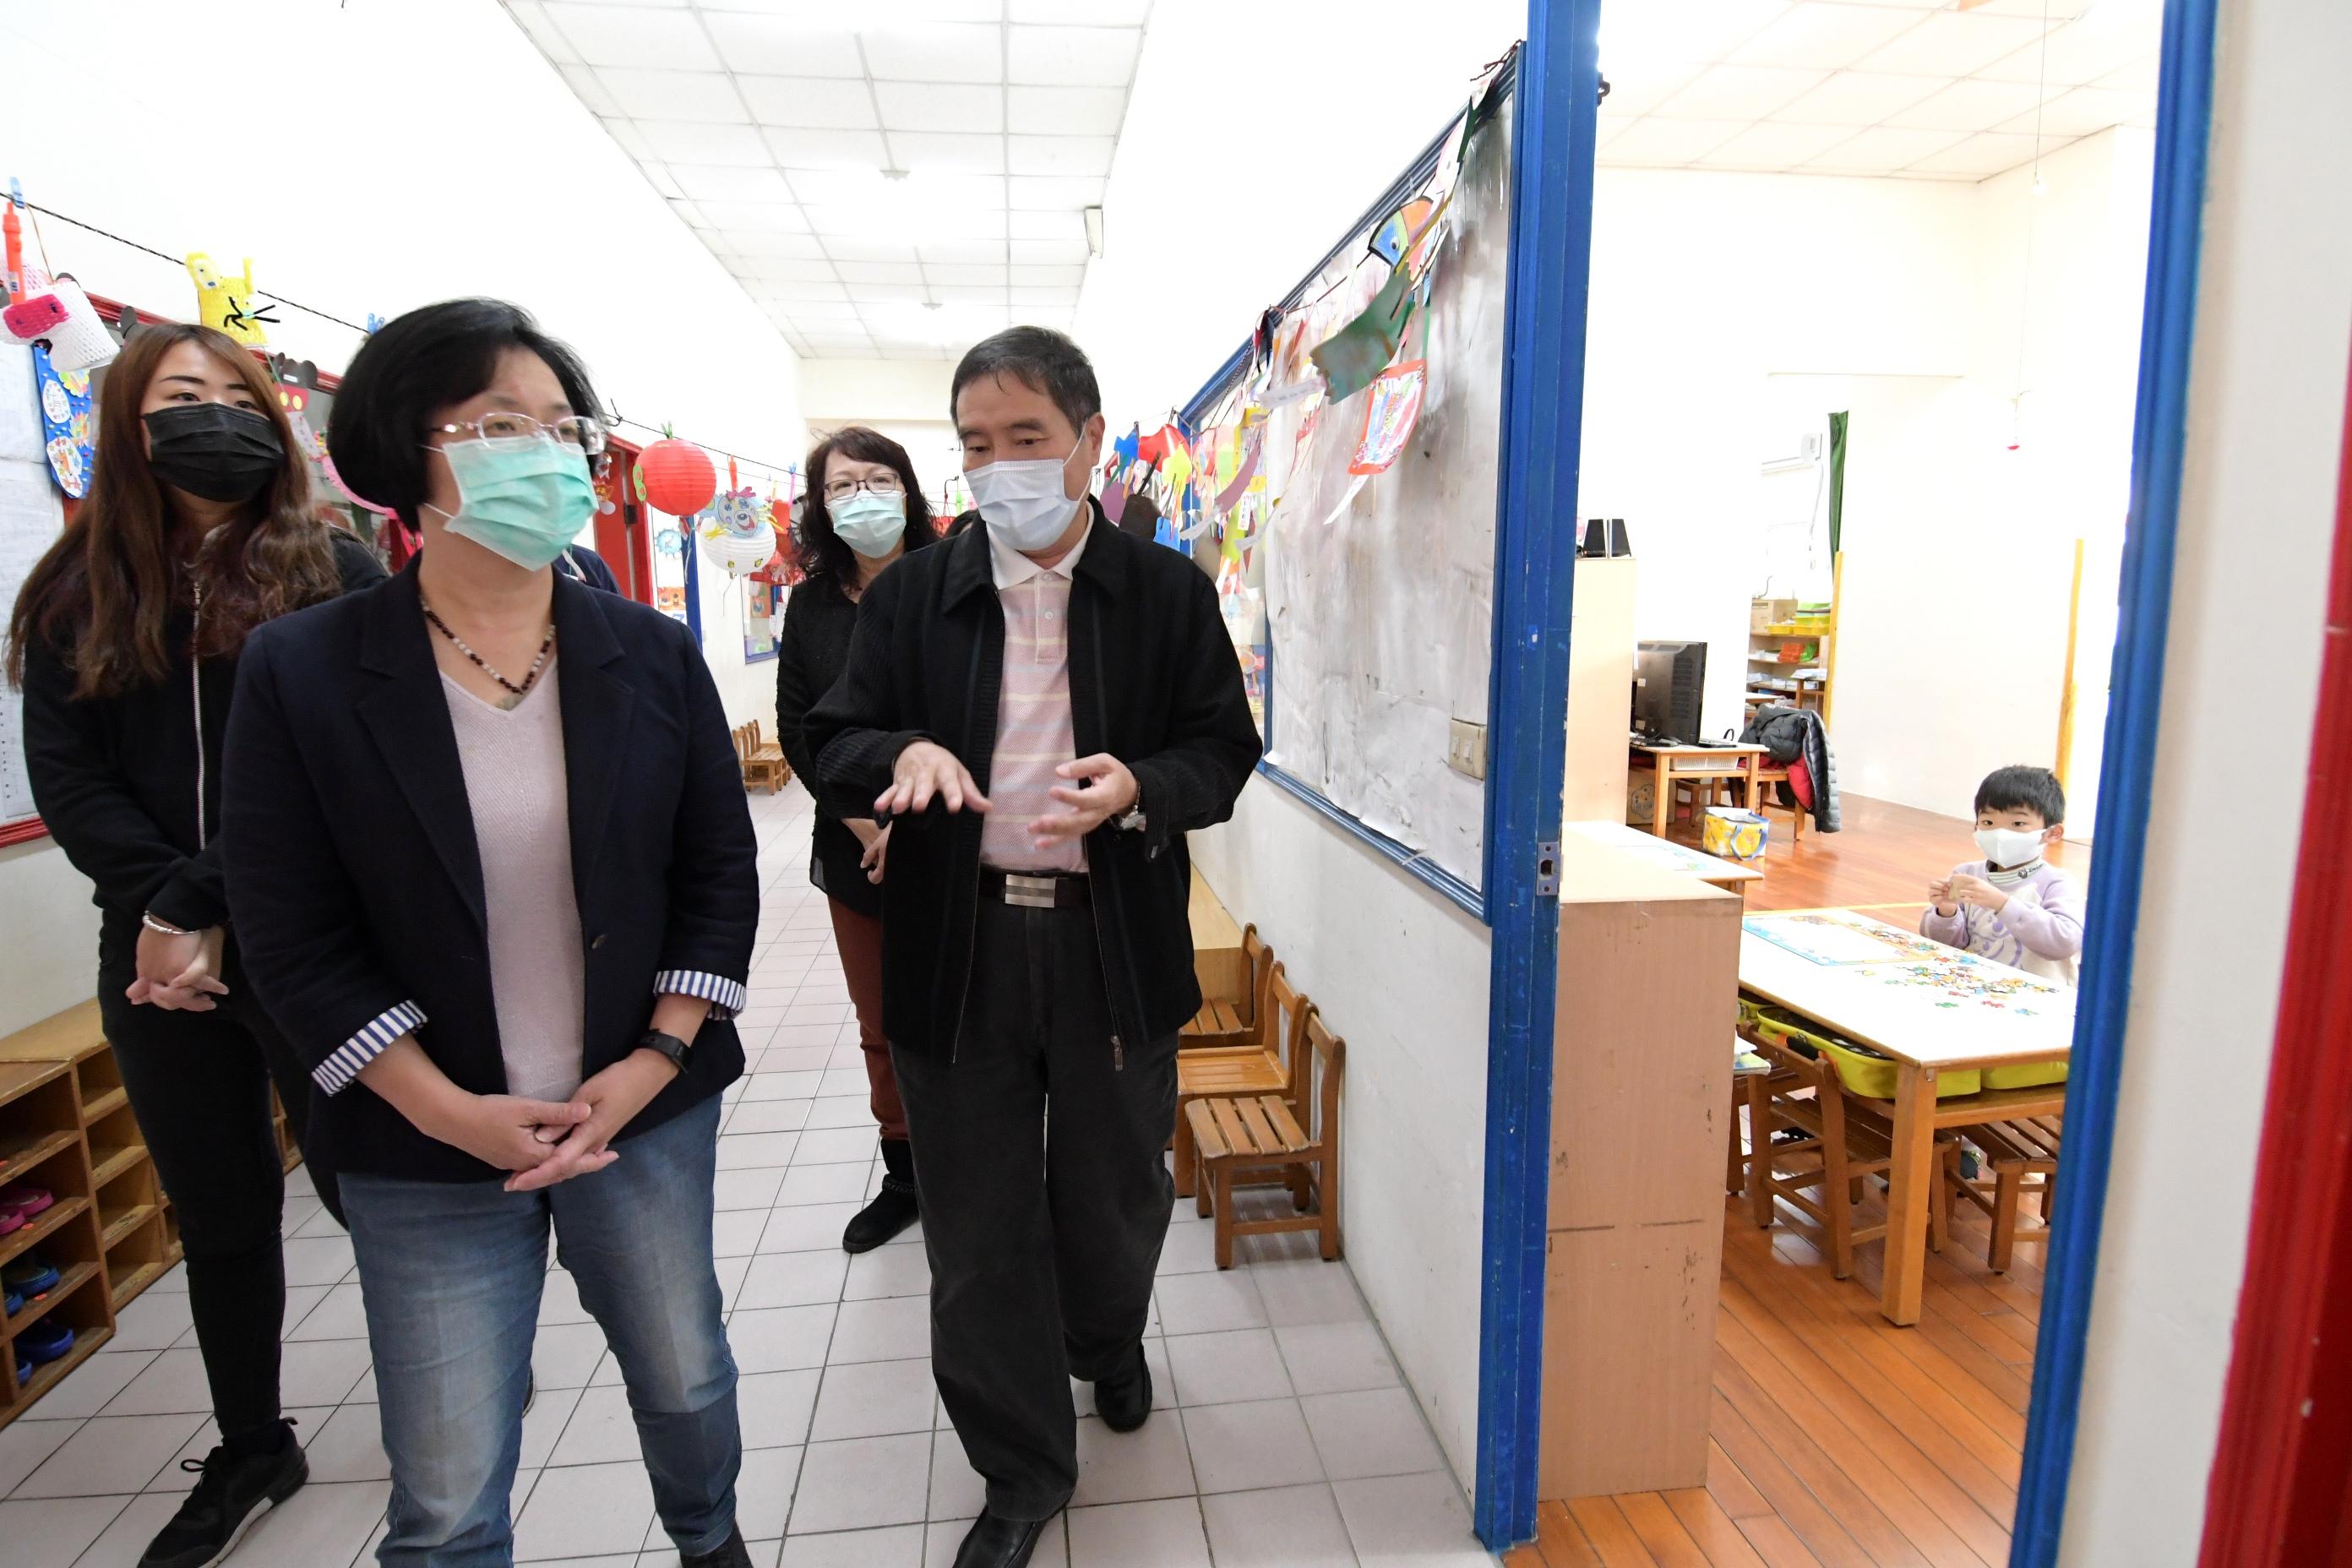 彰化防疫大作戰 守護幼兒嚴把關 謹守防疫「2不3要」一起努力度過疫情